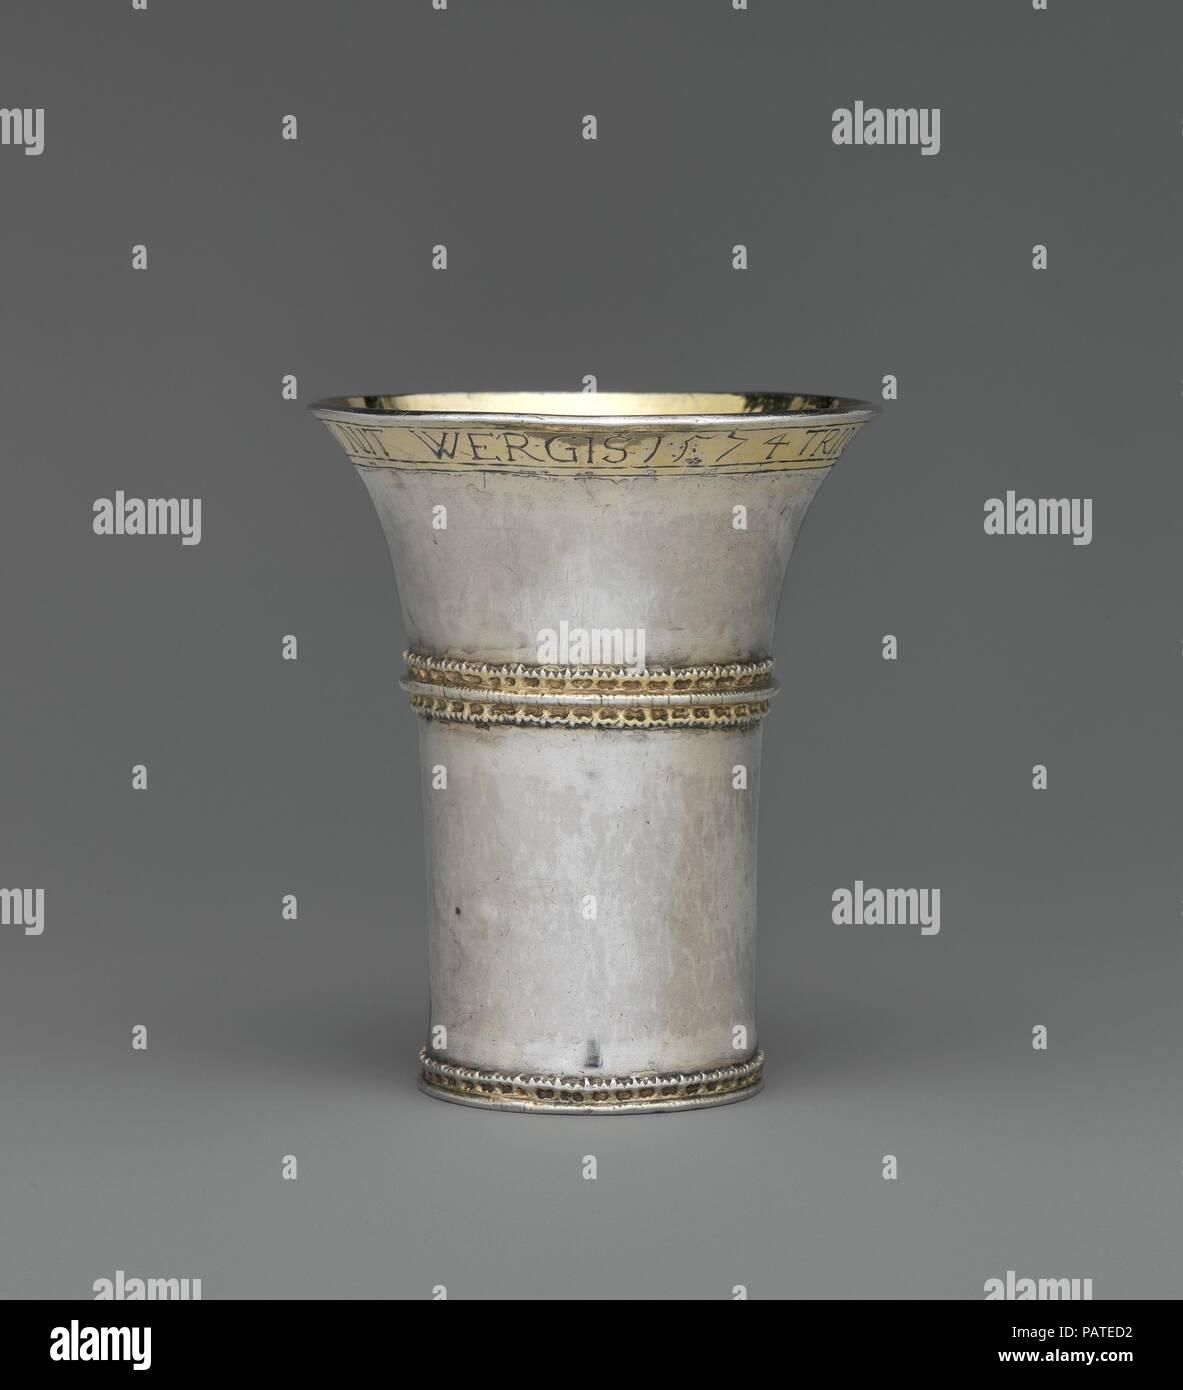 Becher. Kultur: Ungarisch, Nagyszeben. Abmessungen: Insgesamt: 3 3/4 x 3 1/8 in. (9,5 x 8 cm). Schöpfer: zugeschrieben, Valentin (Felten) Dengel (Master 1550, aktive 1550-70). Datum: 1574. Die salgo Sammlung enthält zwei Beispiele für eine extrem seltene becherglas mit einem anmutigen Art, die ihre Wurzeln in der ungarischen Gotik. Die meisten solchen Bechergläser wurden eingeschmolzen, aber ein paar waren Teil der Horden in turbulenten Zeiten verborgen und nur im neunzehnten und zwanzigsten Jahrhundert erholt. Alle diese Becher haben eine einfache trompetenförmigen Form mit einer angewandten vergoldet und durchbohrt Gürtel über der Mitte se Stockbild